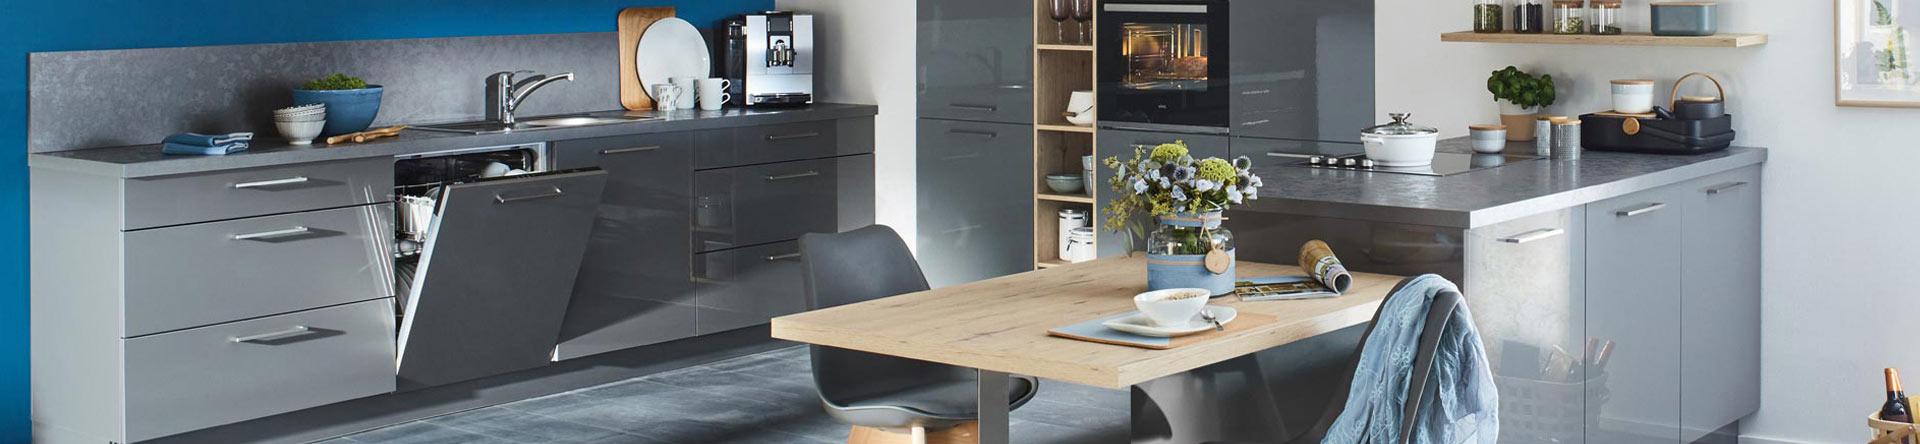 Full Size of Roller Küchen Gnstige Kchen Jetzt Bei Kaufen Mbelhaus Regale Regal Wohnzimmer Roller Küchen